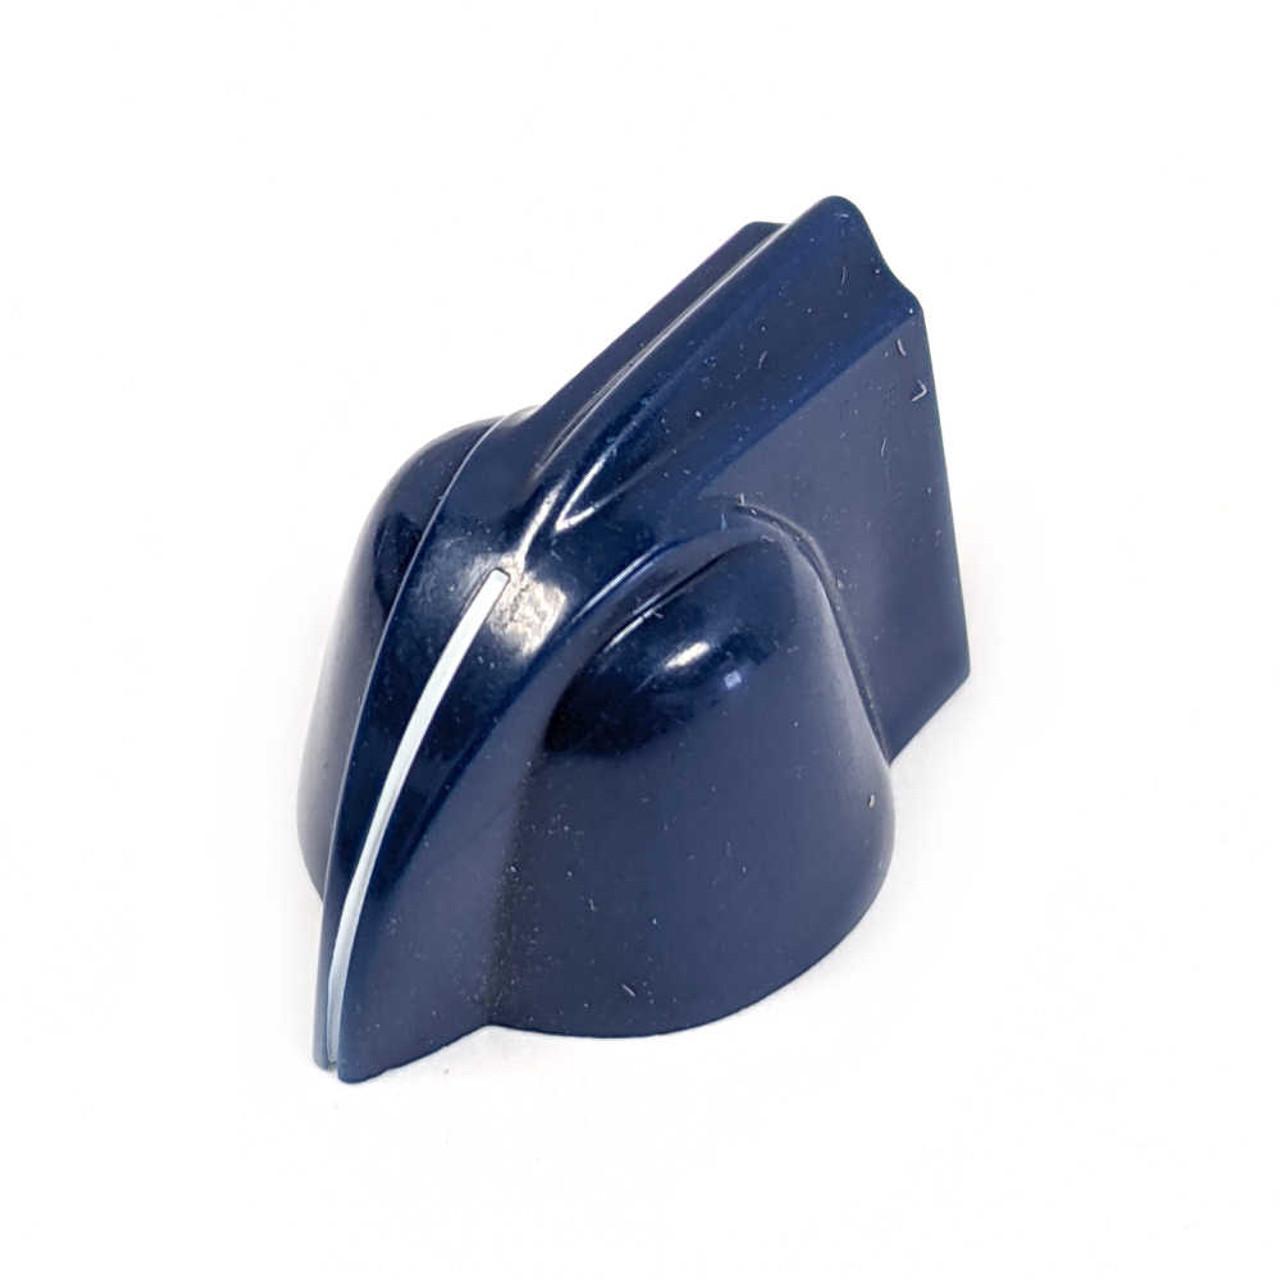 Chicken Head Mini Knob - Premium (Choose Colour)